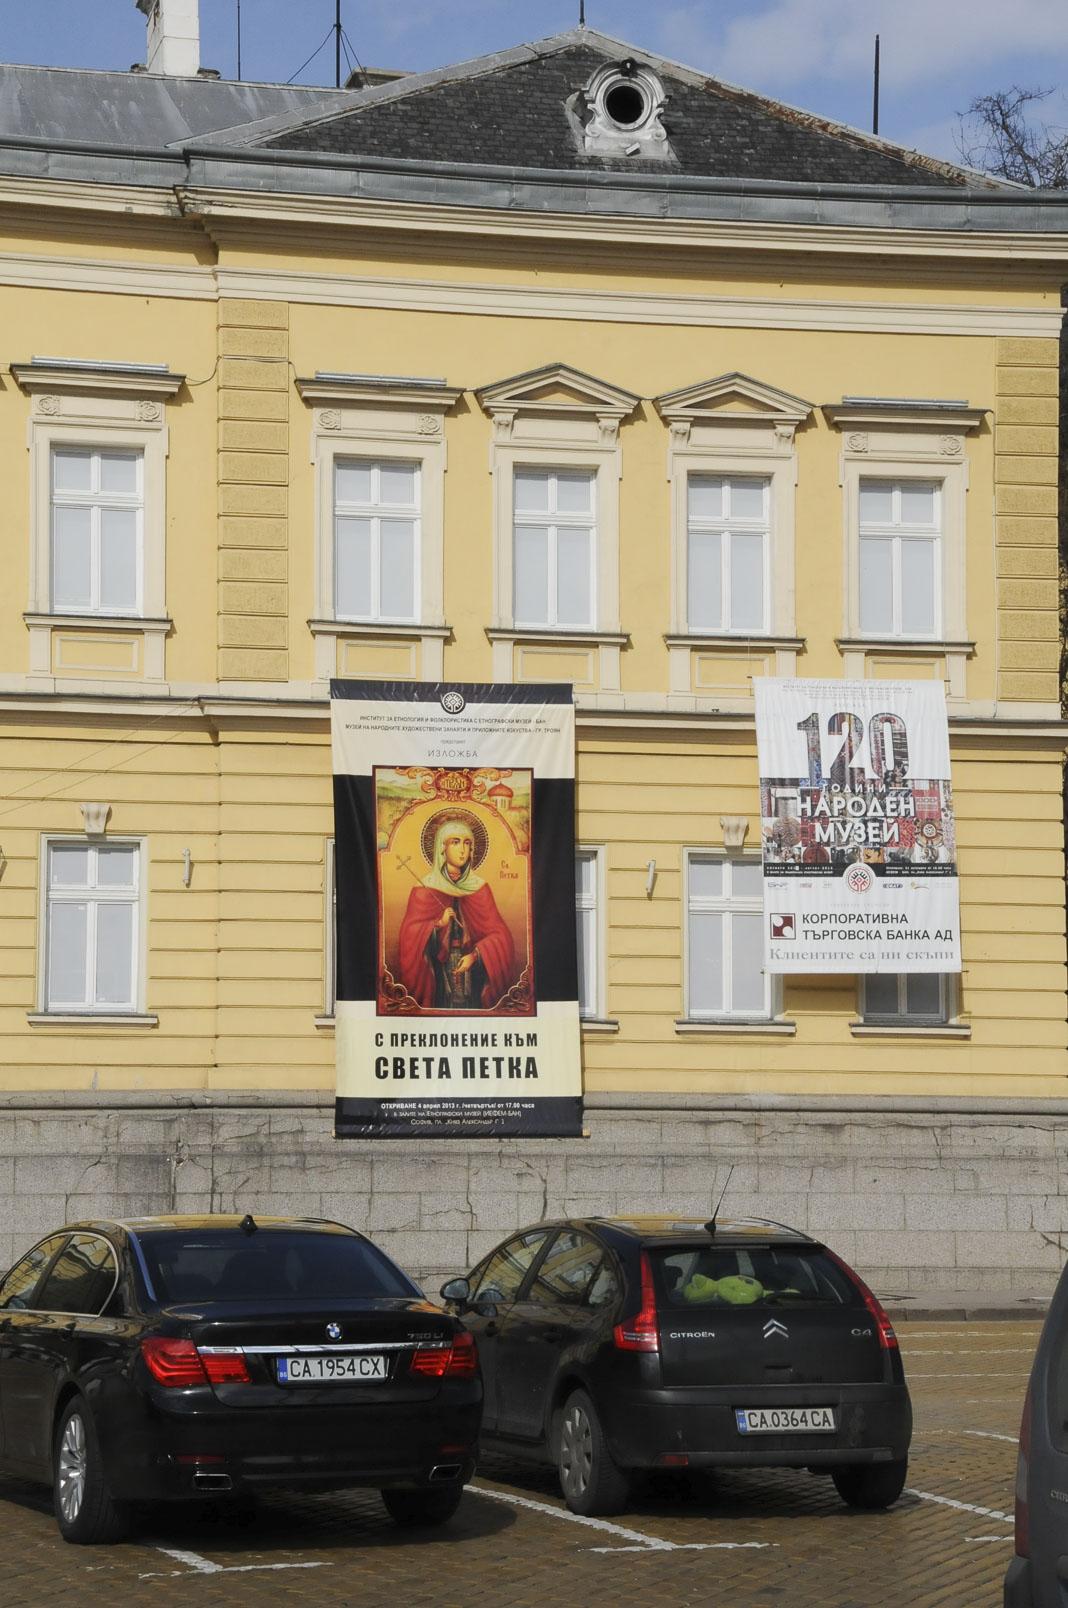 troyan-museum-sveta-petka-1